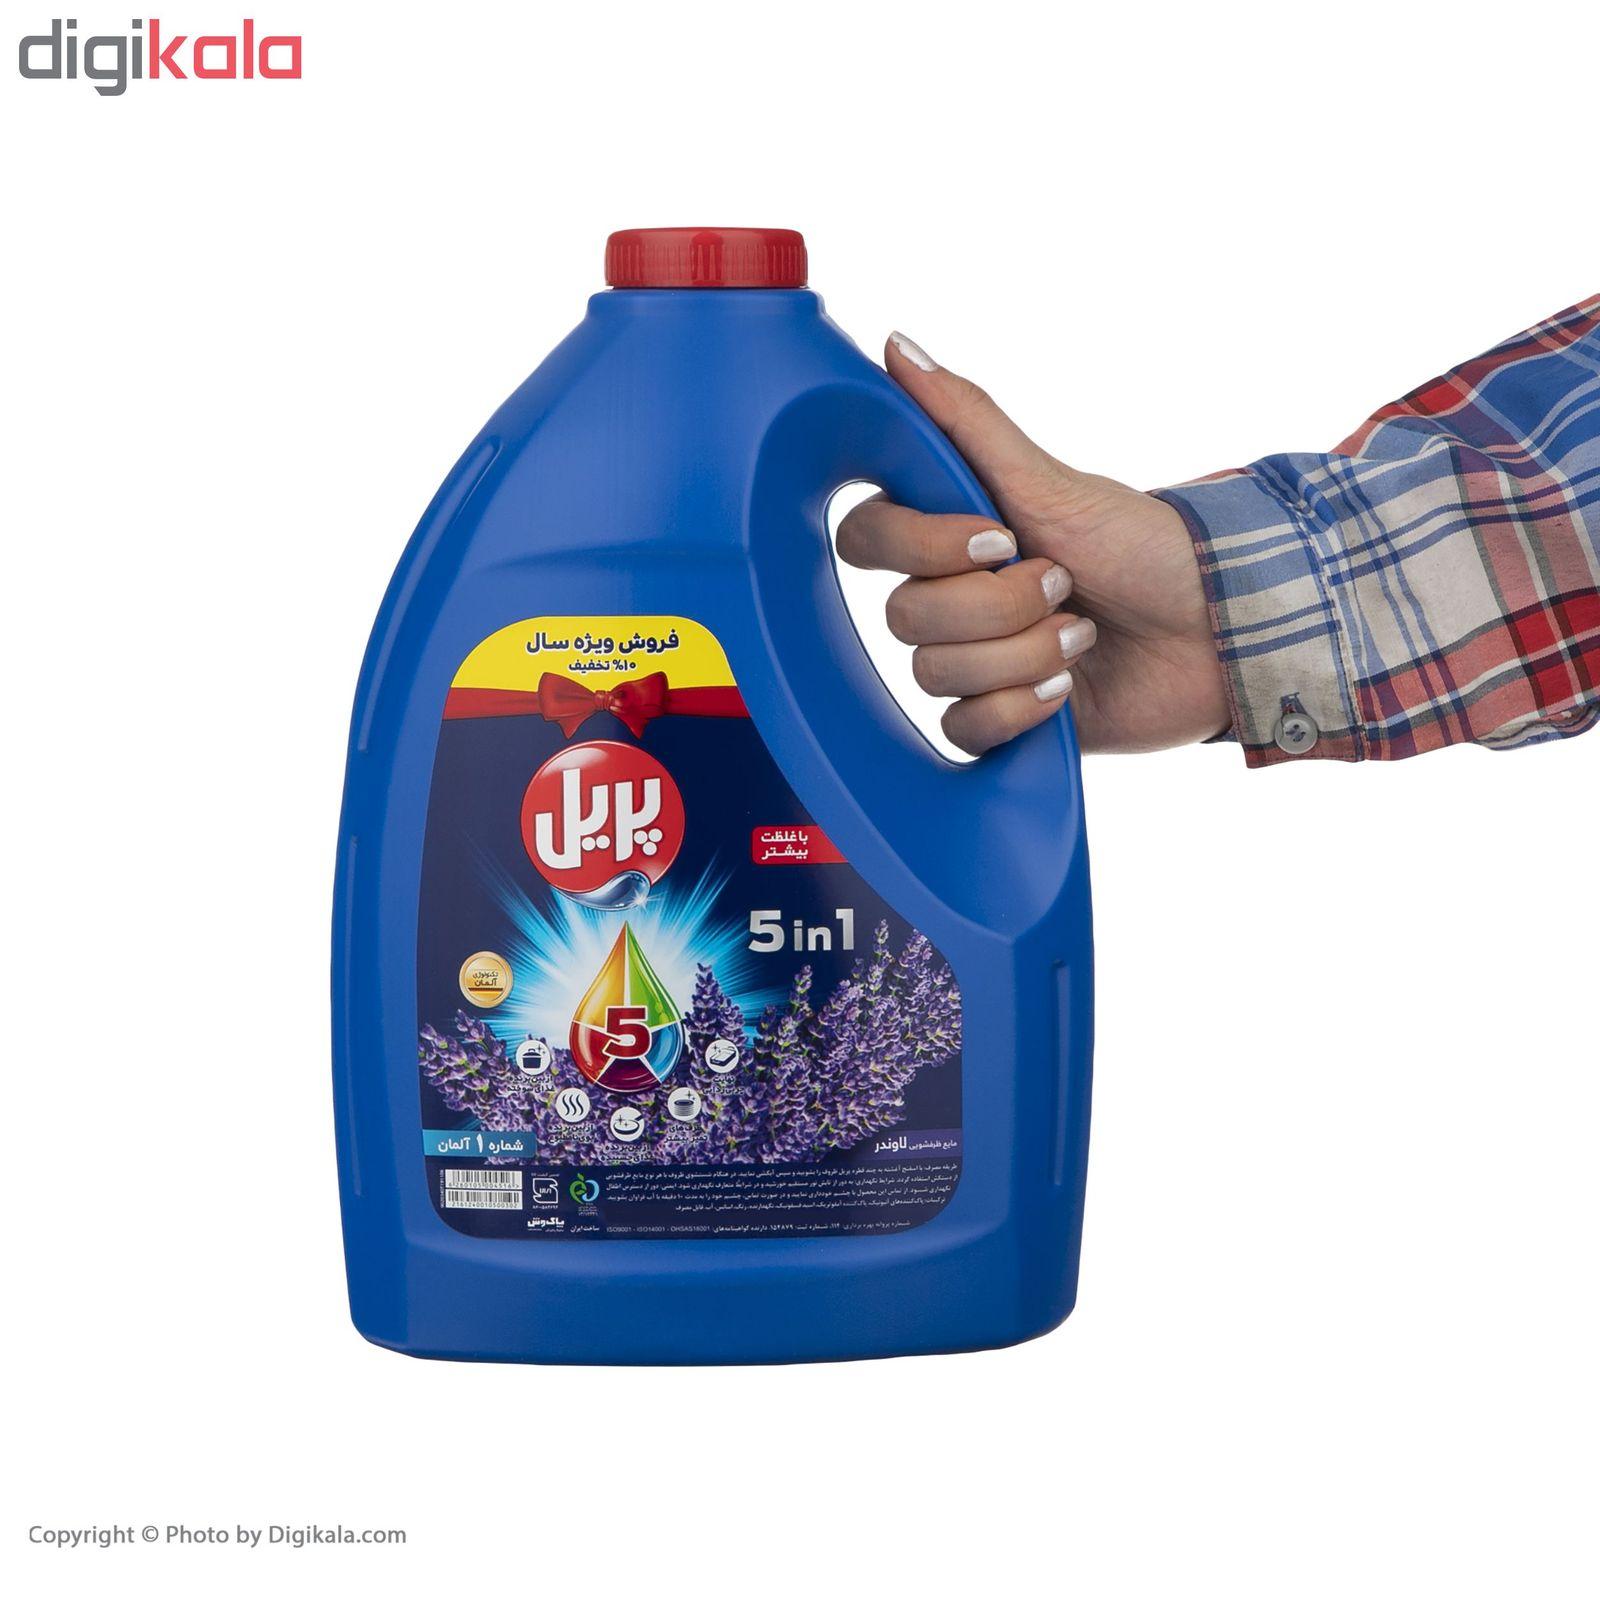 مایع ظرفشویی پریل مدل Lavender حجم 3.75 لیتر main 1 3